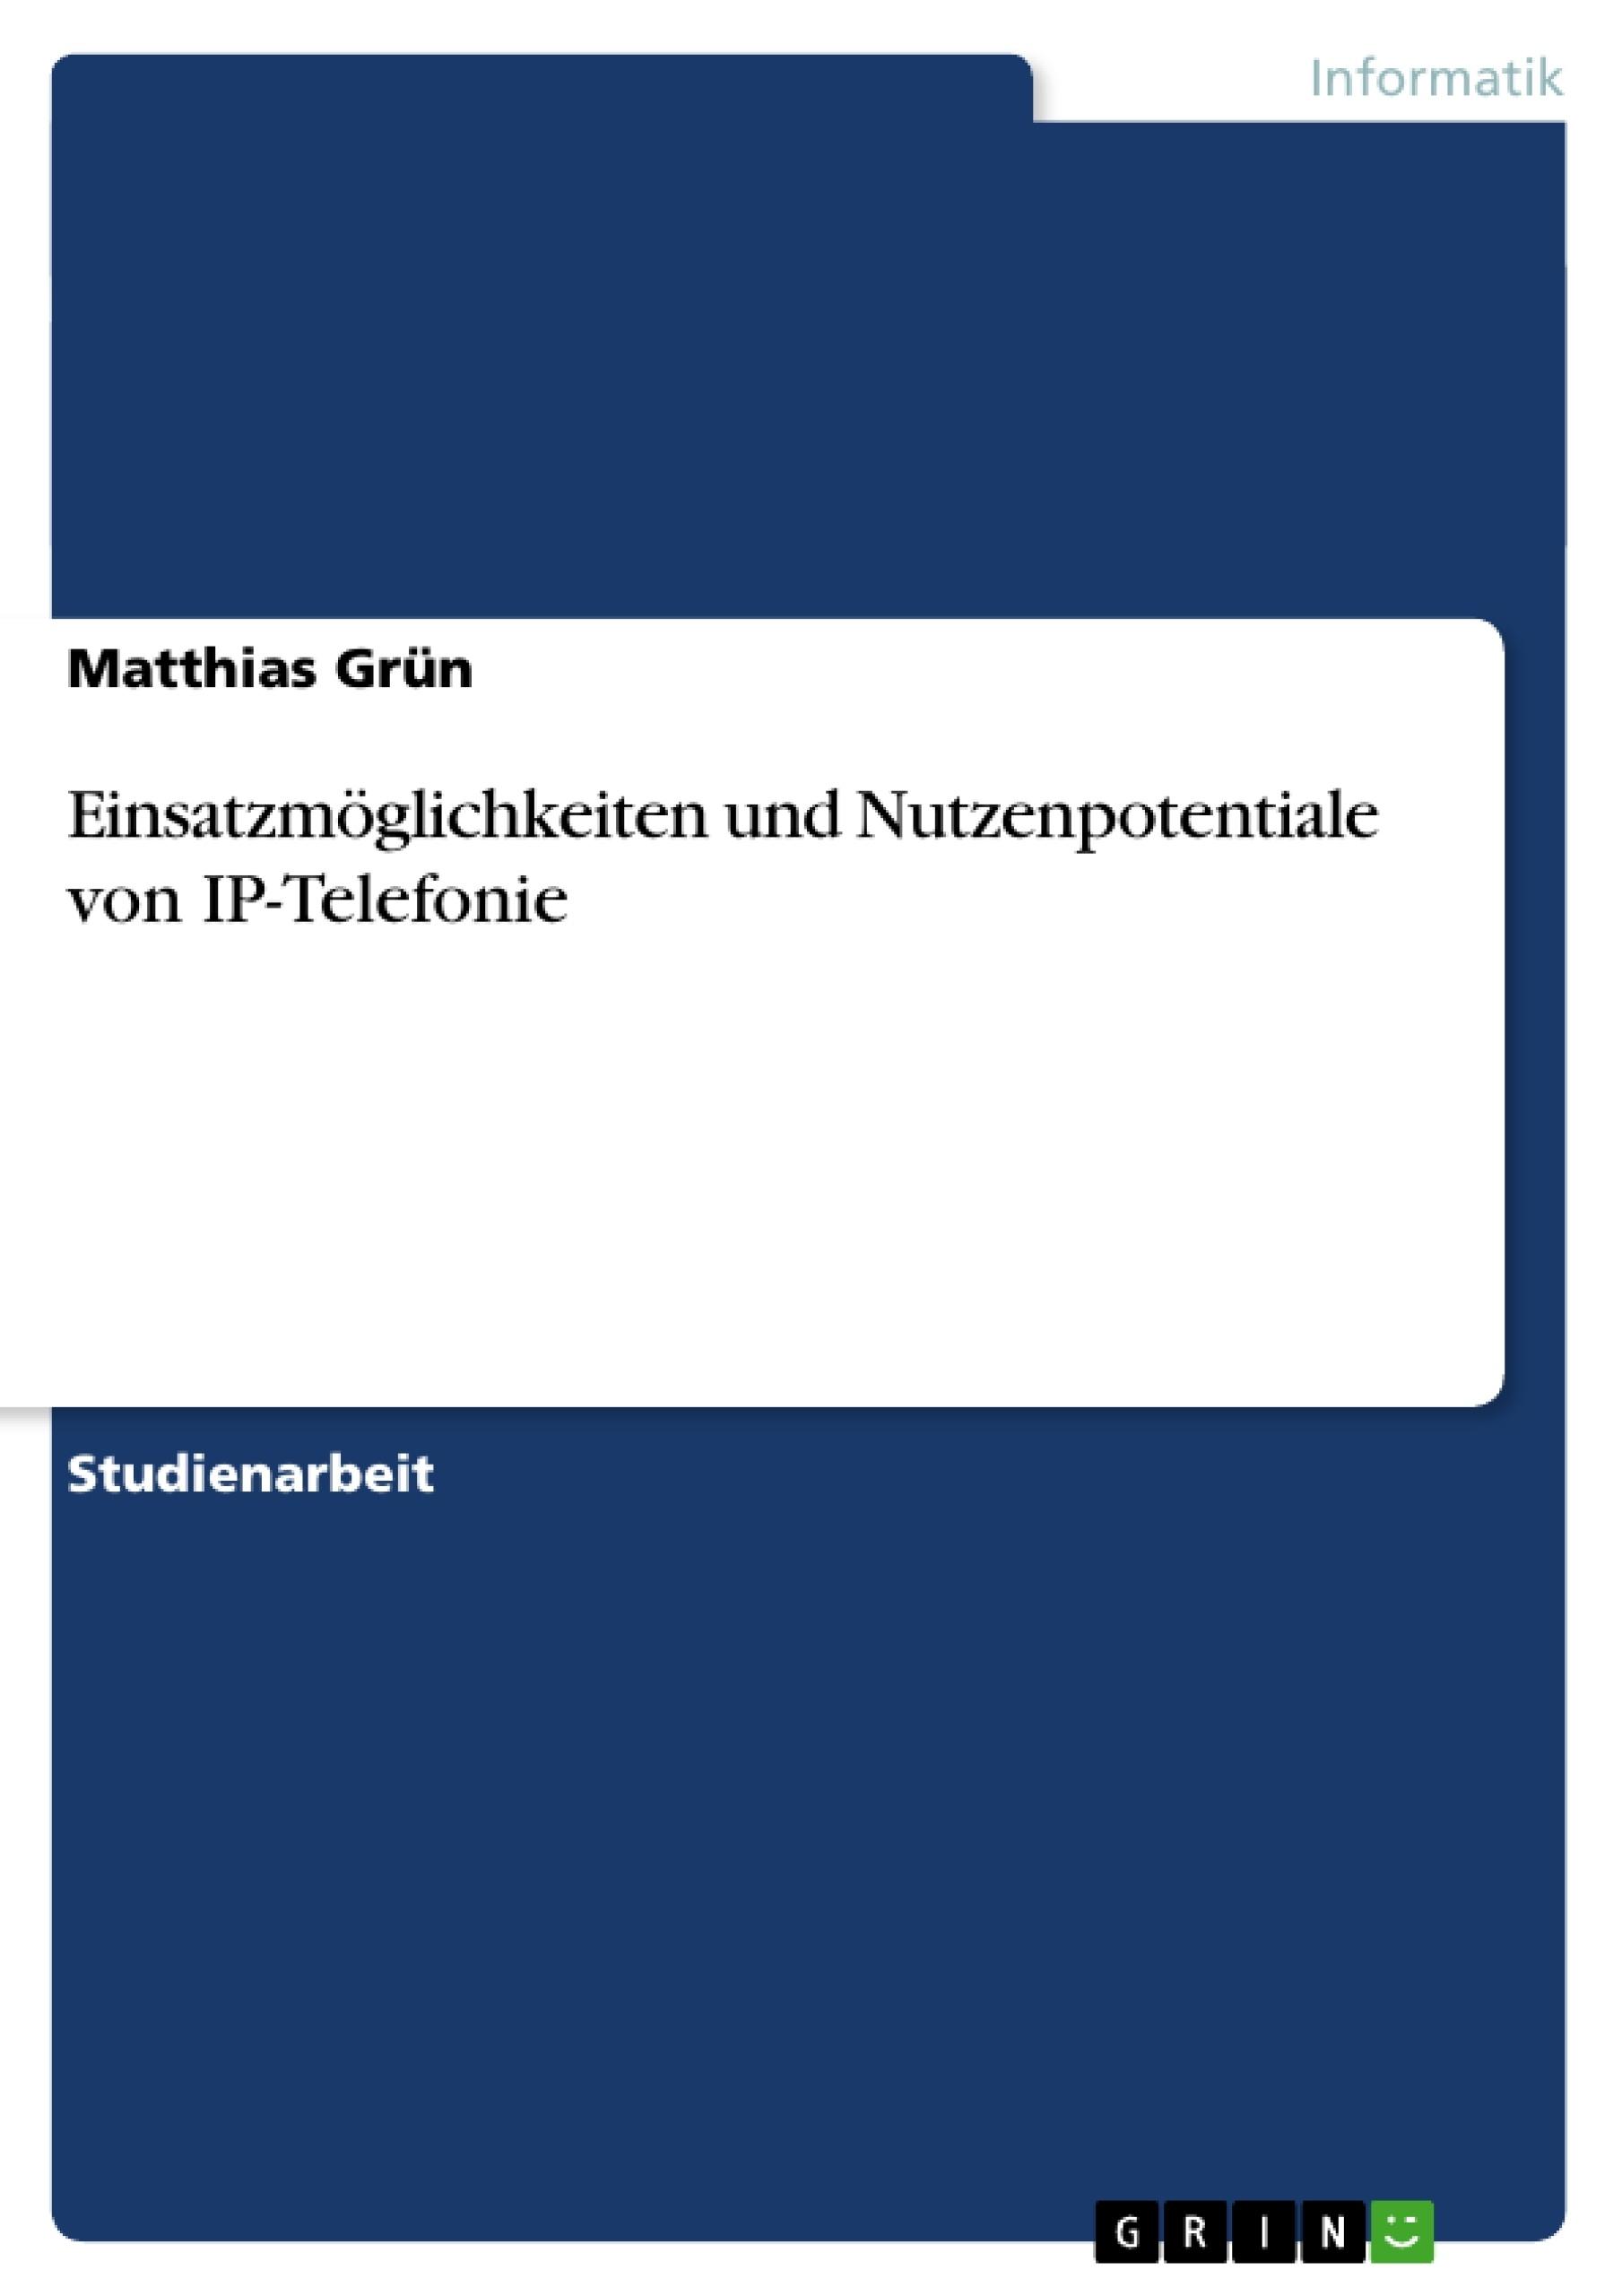 Titel: Einsatzmöglichkeiten und Nutzenpotentiale von IP-Telefonie